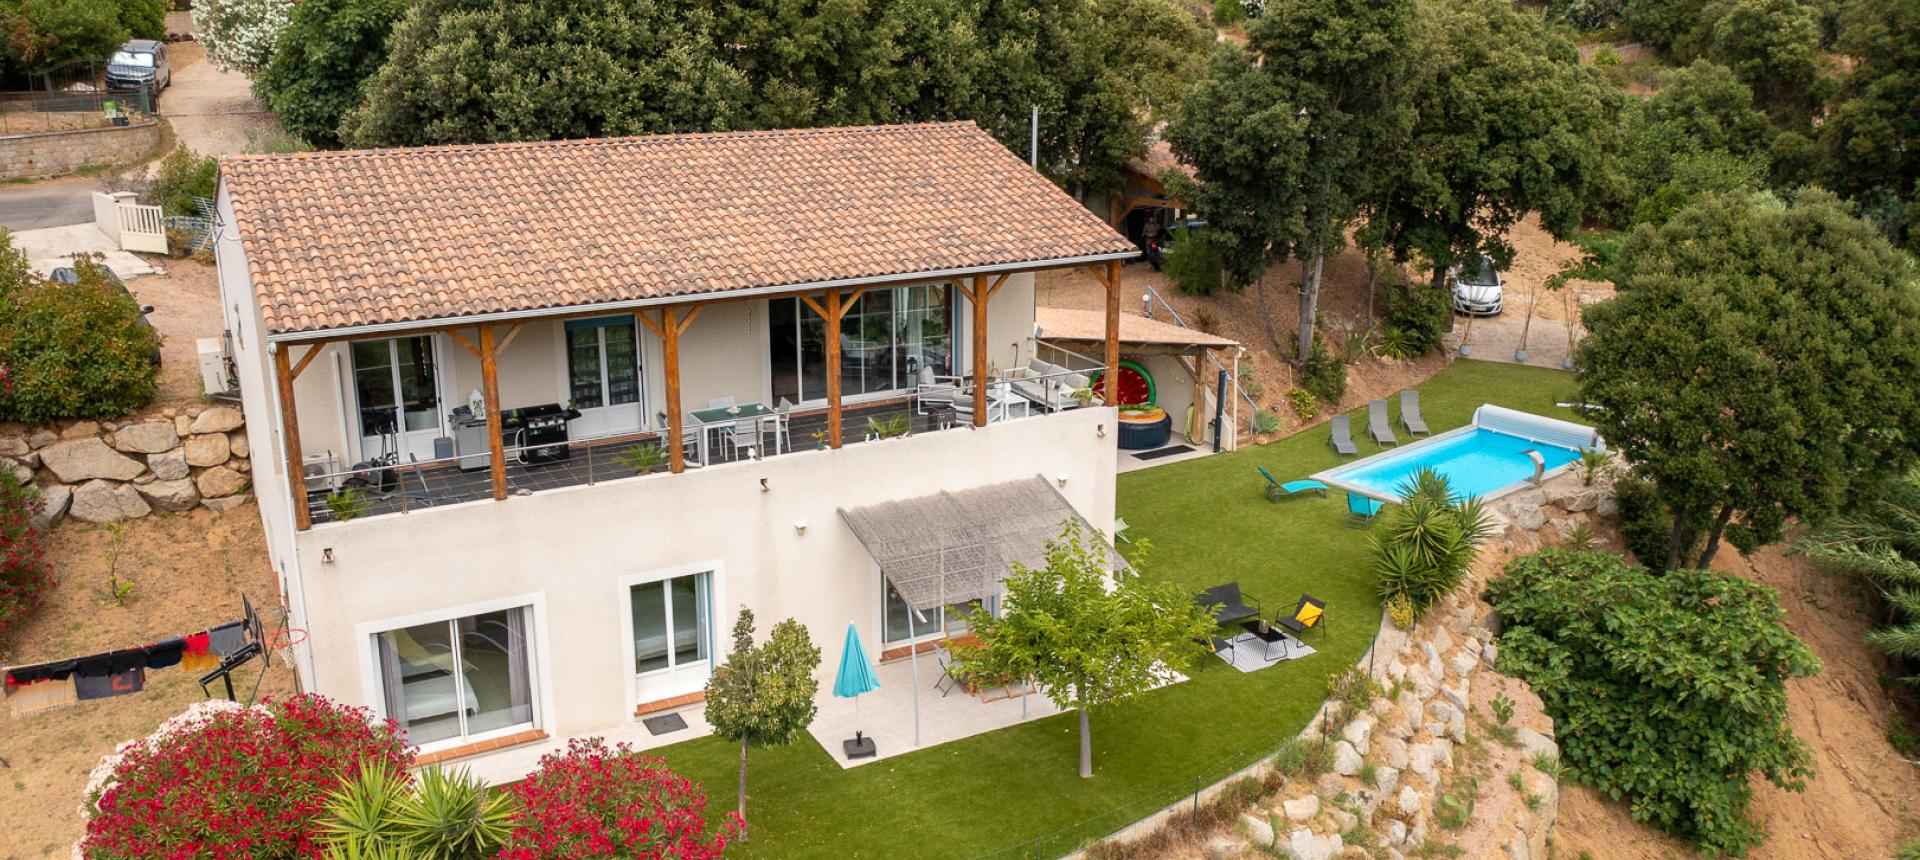 Villa à vendre proche Ajaccio - San Benedetto - Vue maison